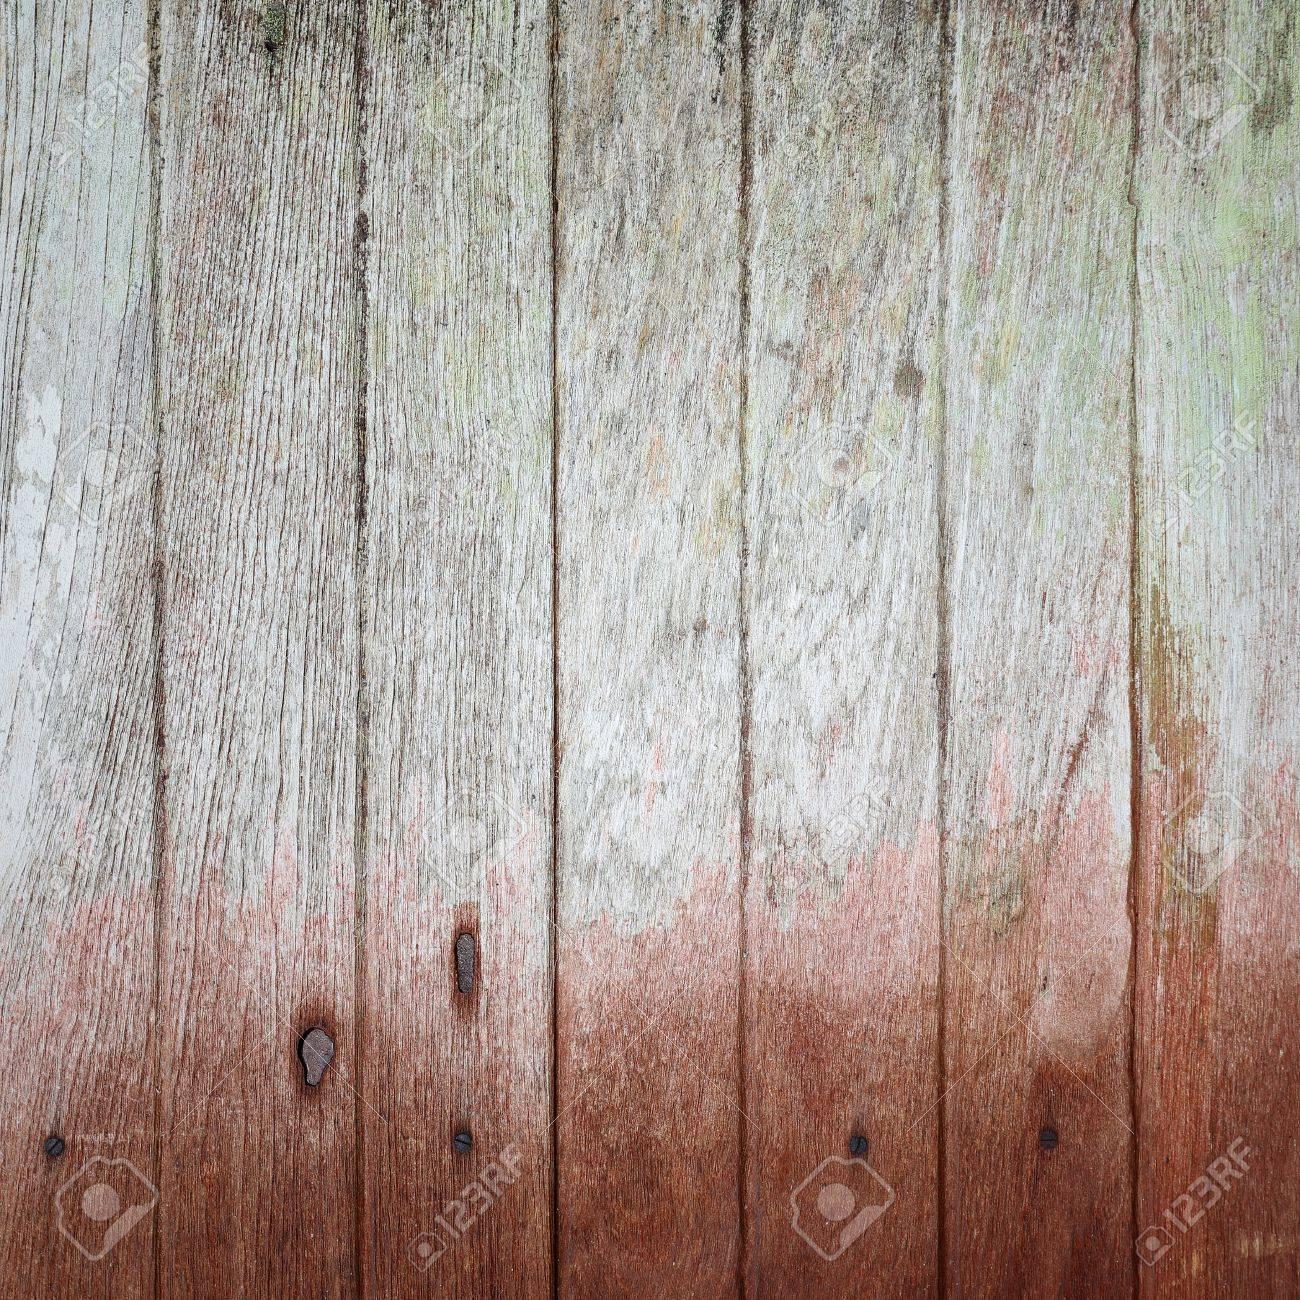 Vintage wood background Stock Photo - 18399484